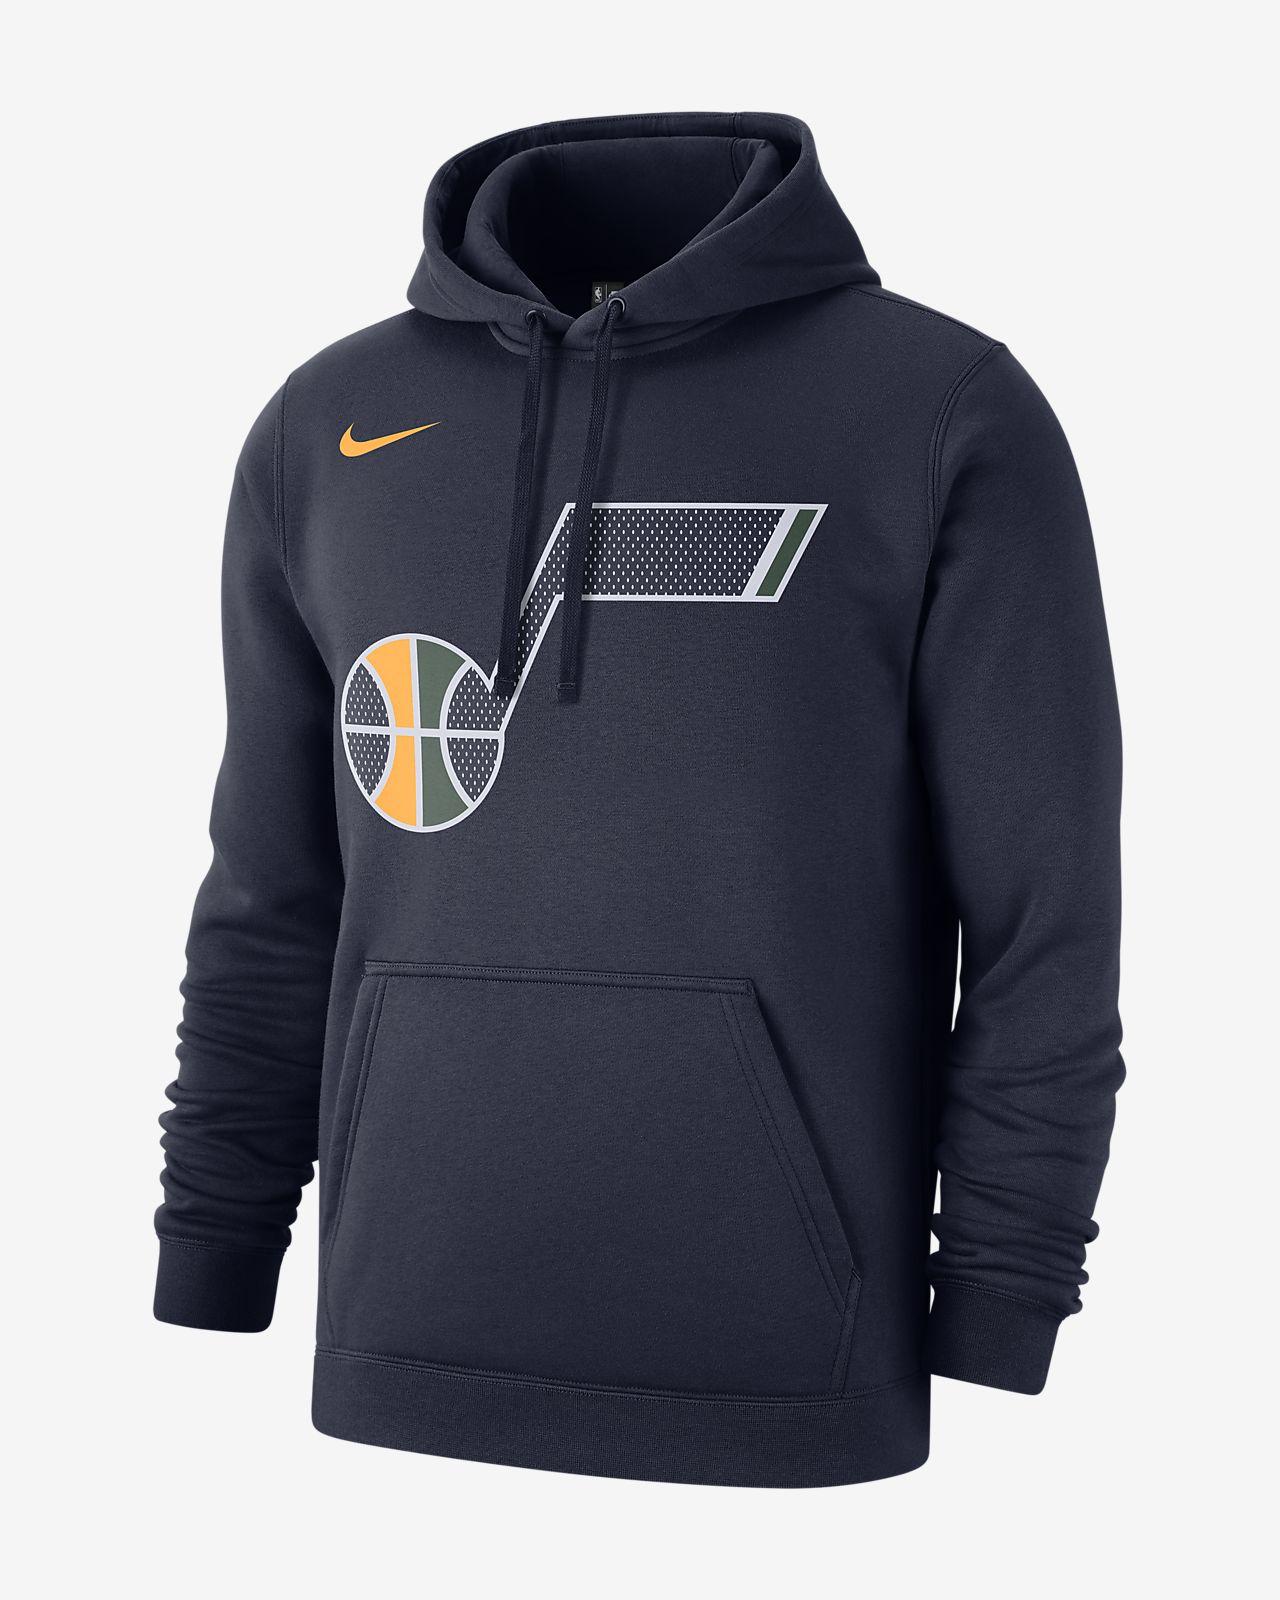 Utah Jazz Nike Men's NBA Hoodie